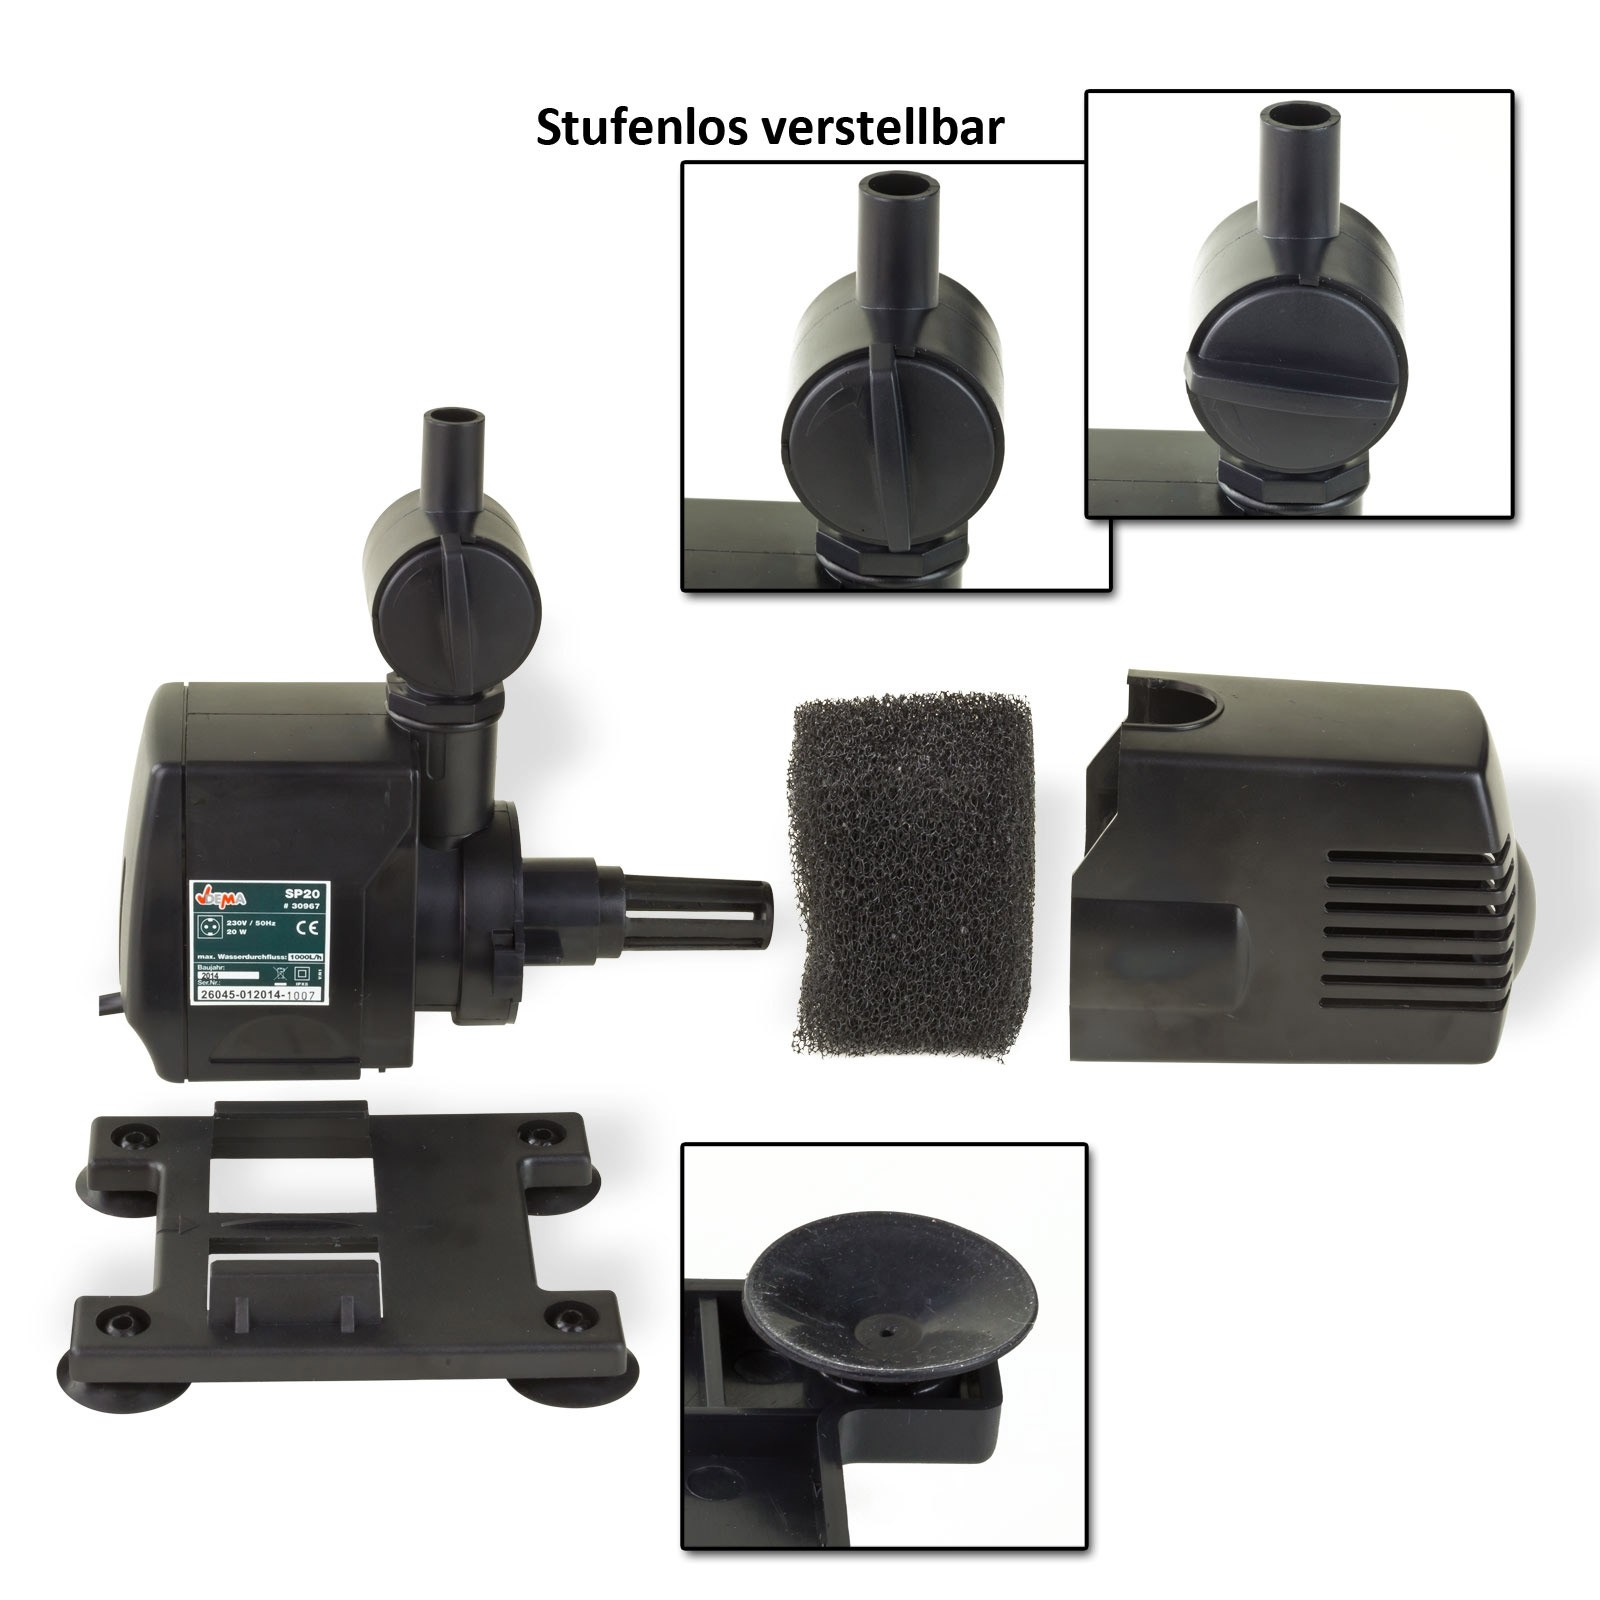 Dema Springbrunnenpumpe SP20 Wasserspiel Pumpe für Gartenteich oder Zierbrunnen 30967